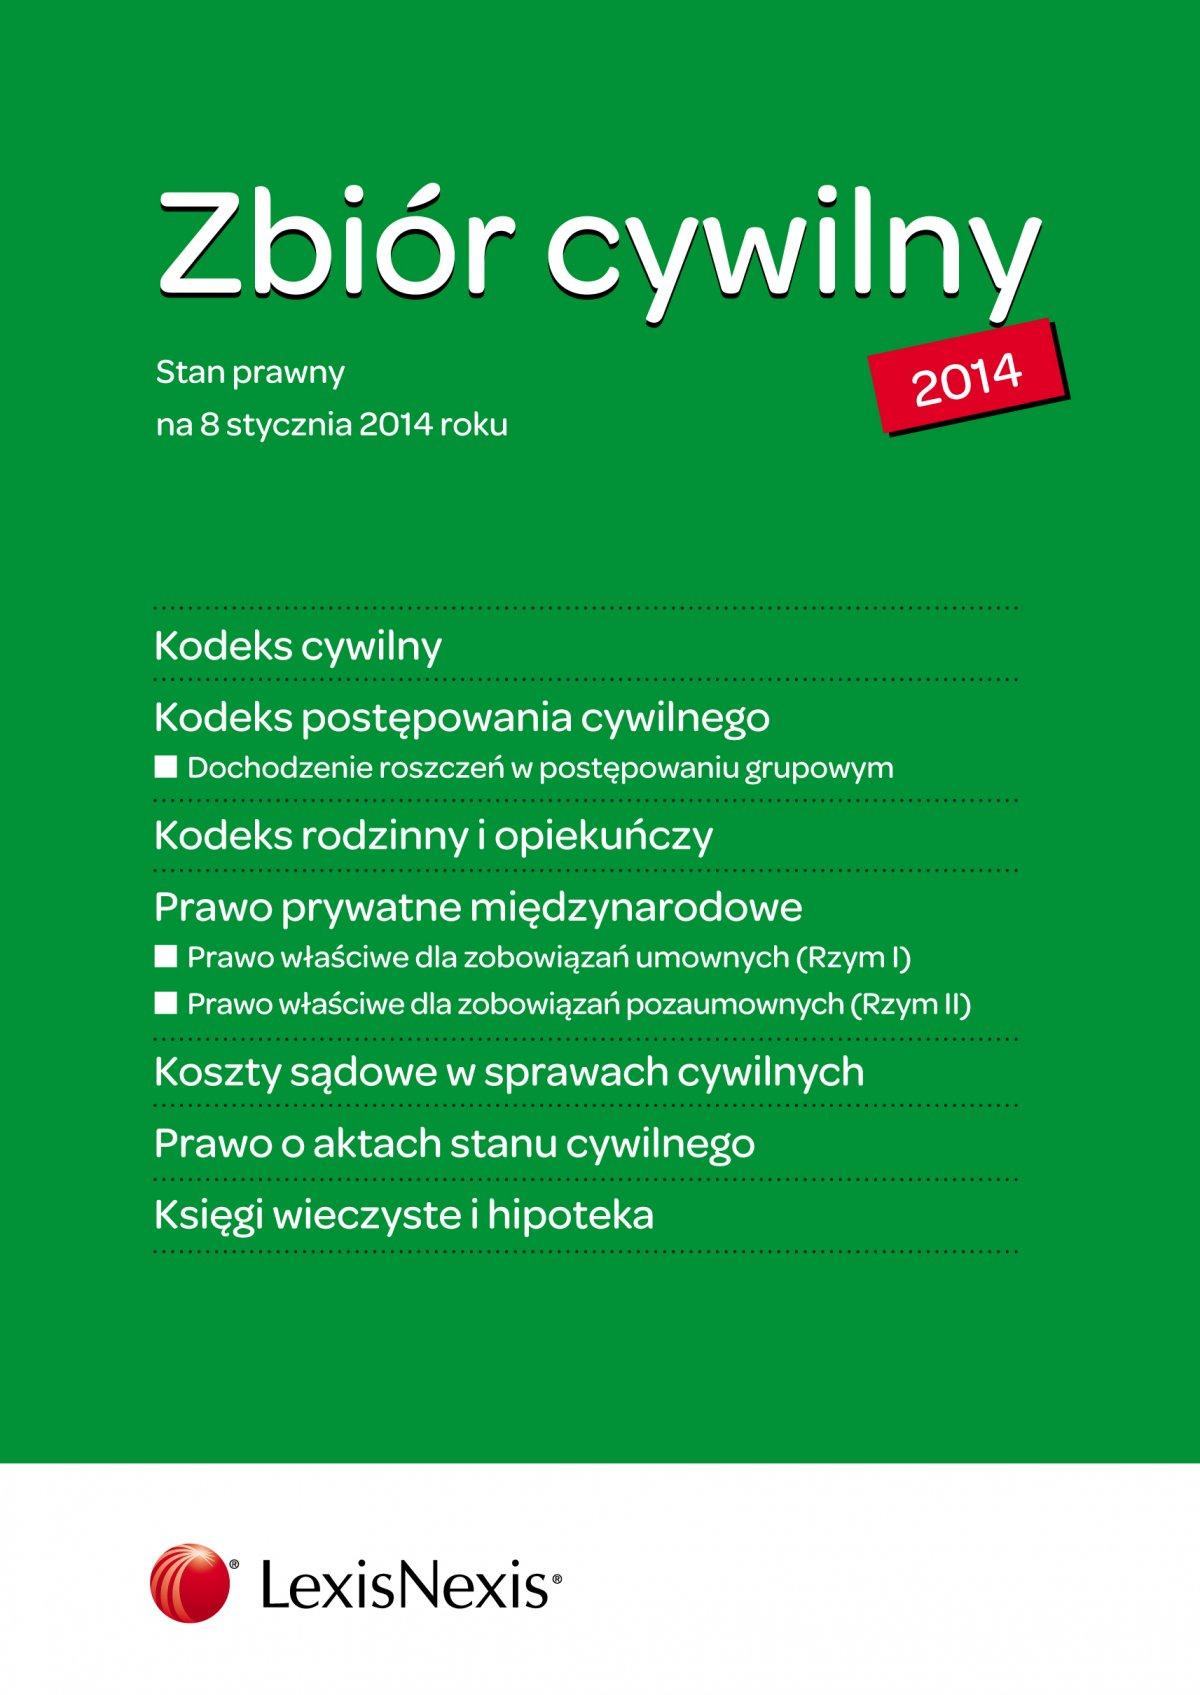 Zbiór cywilny 2014. Wydanie 1 - Ebook (Książka EPUB) do pobrania w formacie EPUB